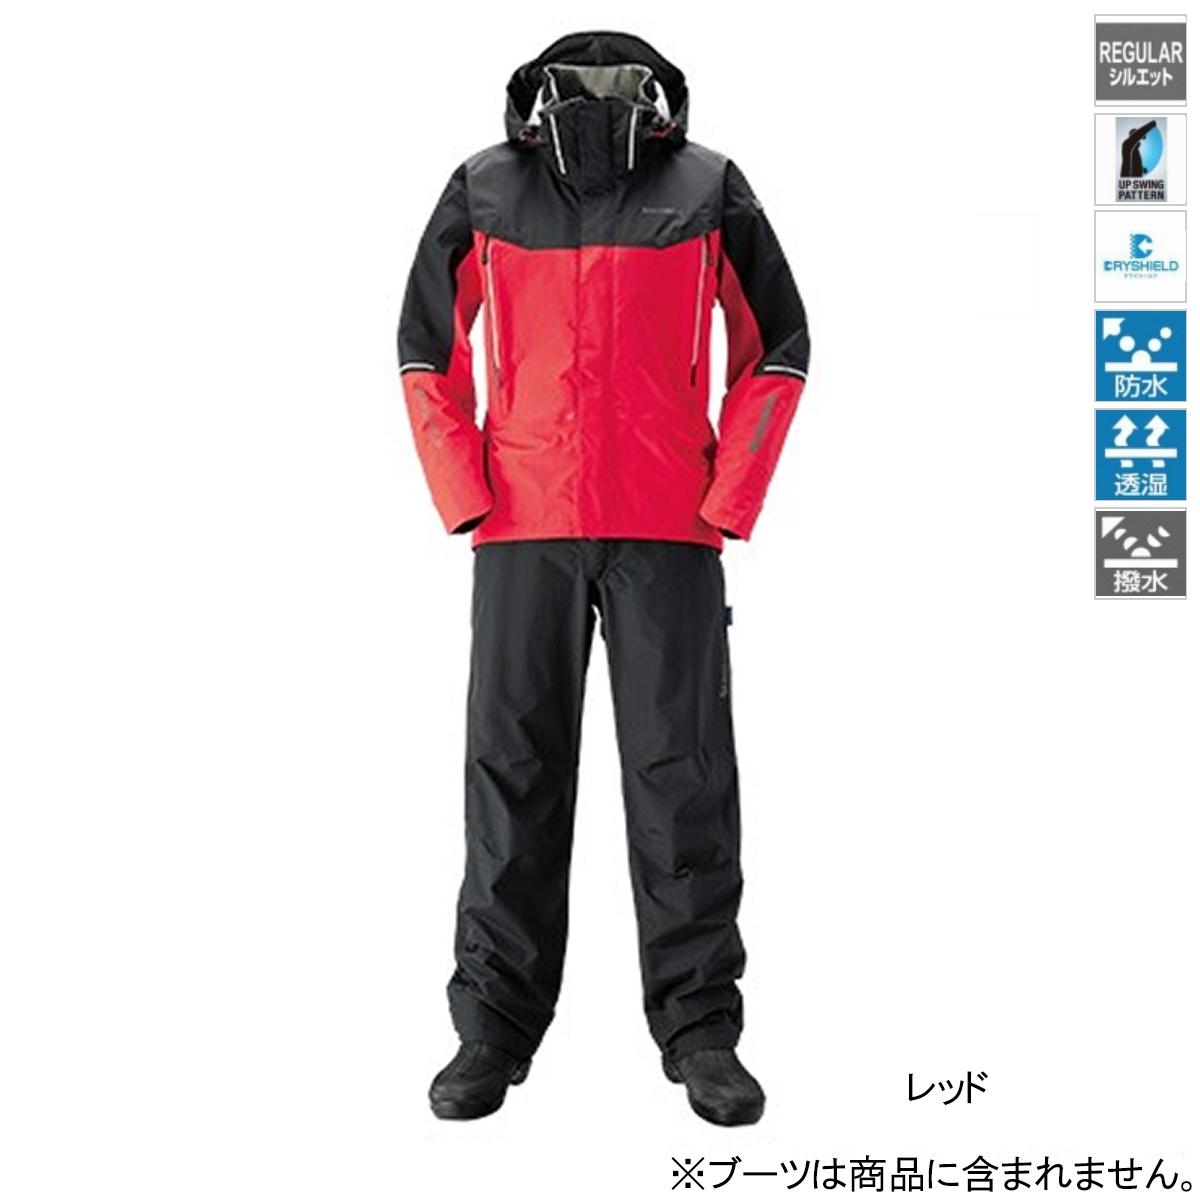 【8月30日エントリーで最大P36倍!】シマノ DSアドバンススーツ RA-025S 2XL レッド